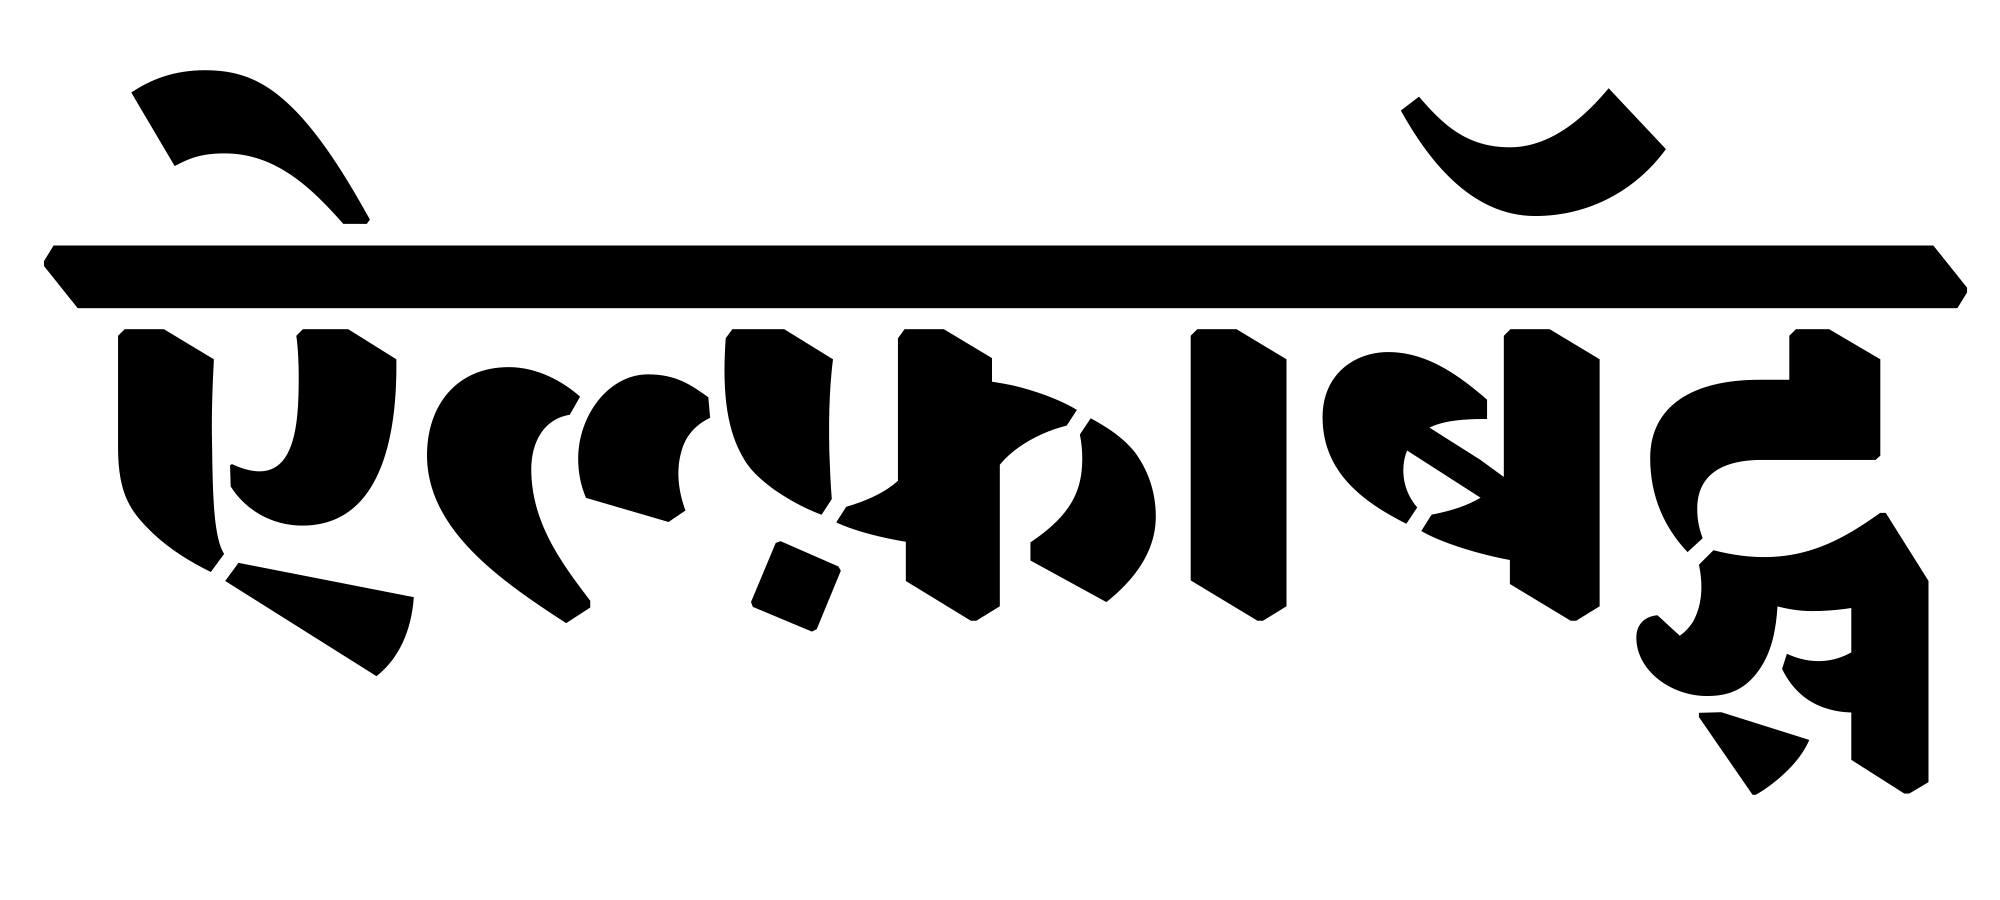 Devanagari header for Alphabettes